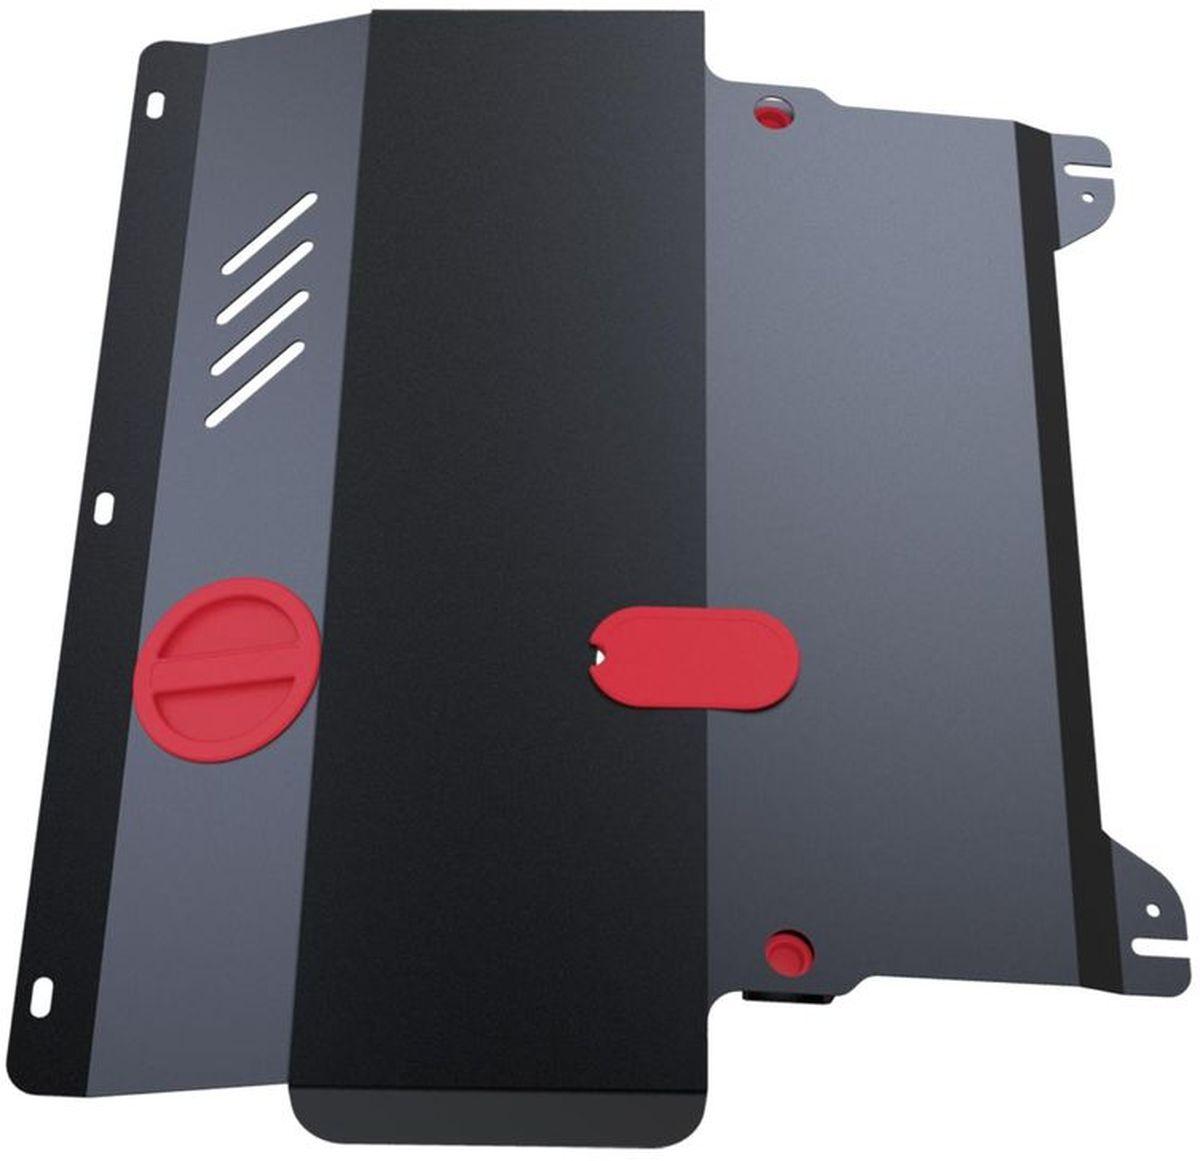 Защита картера Автоброня, для Ssang Yong Rexton II V - 2,7; 3,2 (2007-)111.05302.3Технологически совершенный продукт за невысокую стоимость. Защита разработана с учетом особенностей днища автомобиля, что позволяет сохранить дорожный просвет с минимальным изменением. Защита устанавливается в штатные места кузова автомобиля. Глубокий штамп обеспечивает до двух раз больше жесткости в сравнении с обычной защитой той же толщины. Проштампованные ребра жесткости препятствуют деформации защиты при ударах. Тепловой зазор и вентиляционные отверстия обеспечивают сохранение температурного режима двигателя в норме. Скрытый крепеж предотвращает срыв крепежных элементов при наезде на препятствие. Шумопоглощающие резиновые элементы обеспечивают комфортную езду без вибраций и скрежета металла, а съемные лючки для слива масла и замены фильтра - экономию средств и время. Конструкция изделия не влияет на пассивную безопасность автомобиля (при ударе защита не воздействует на деформационные зоны кузова). Со штатным крепежом. В комплекте инструкция по установке....